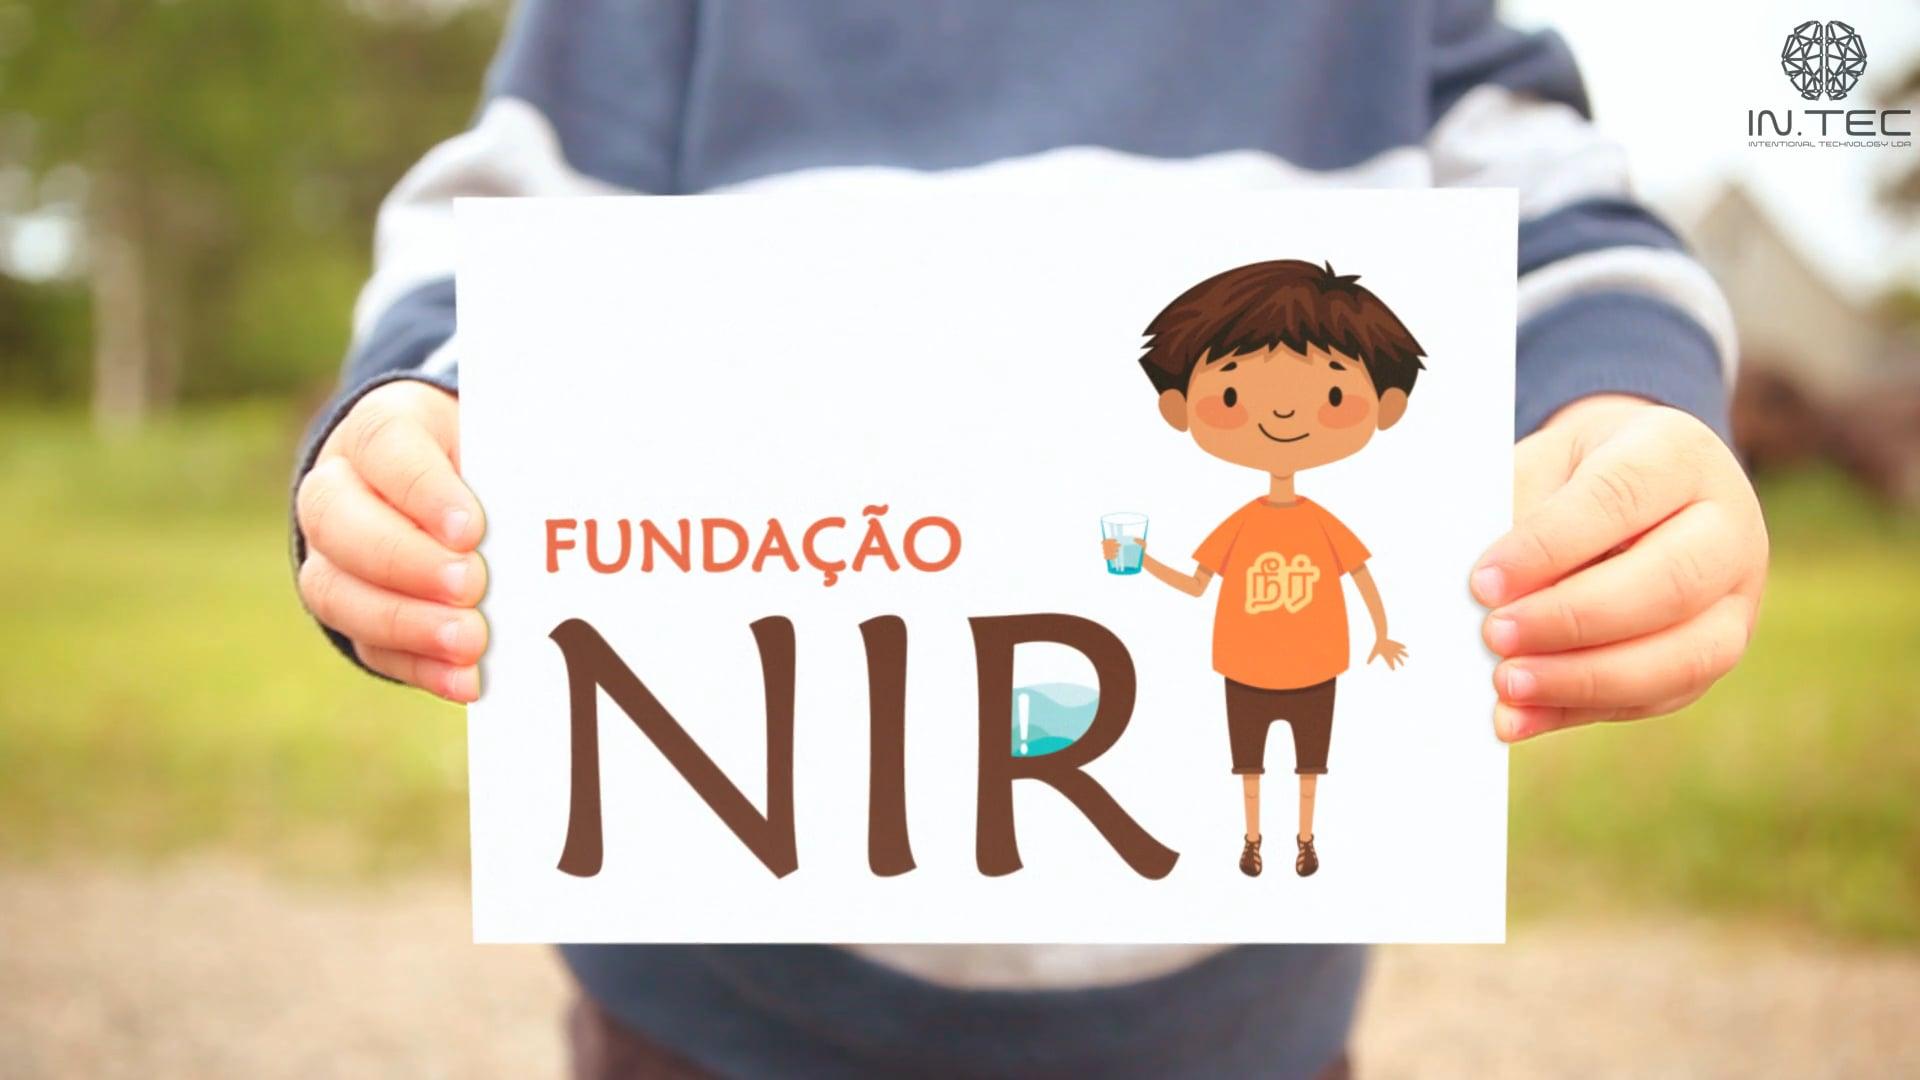 Fundação NIR - Institucional